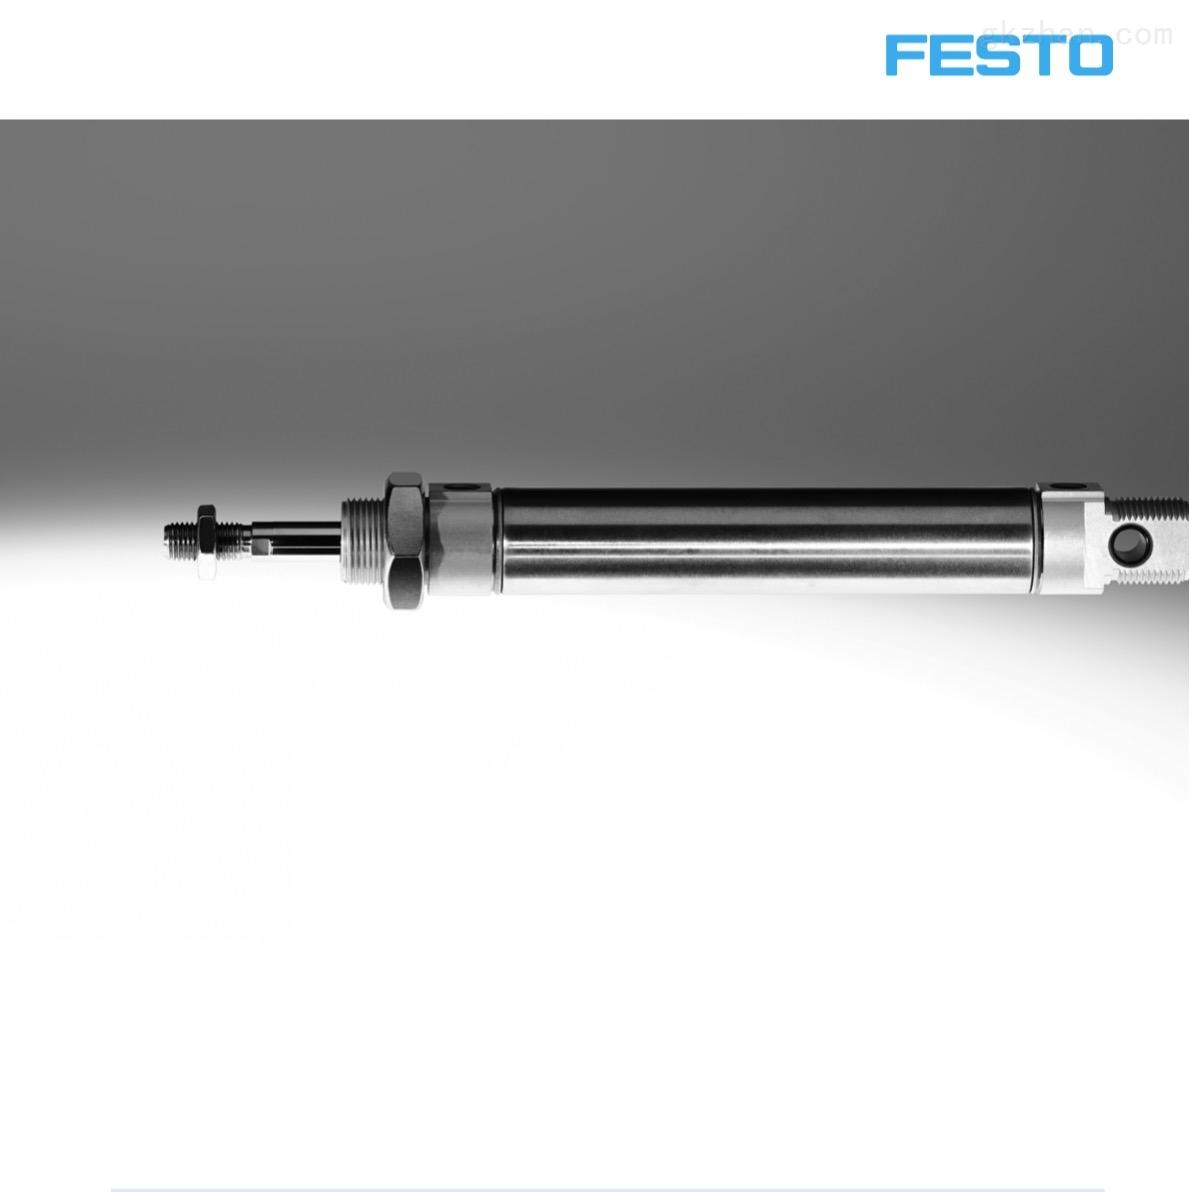 费斯托festoDSNU系列缸径10mm圆型气缸